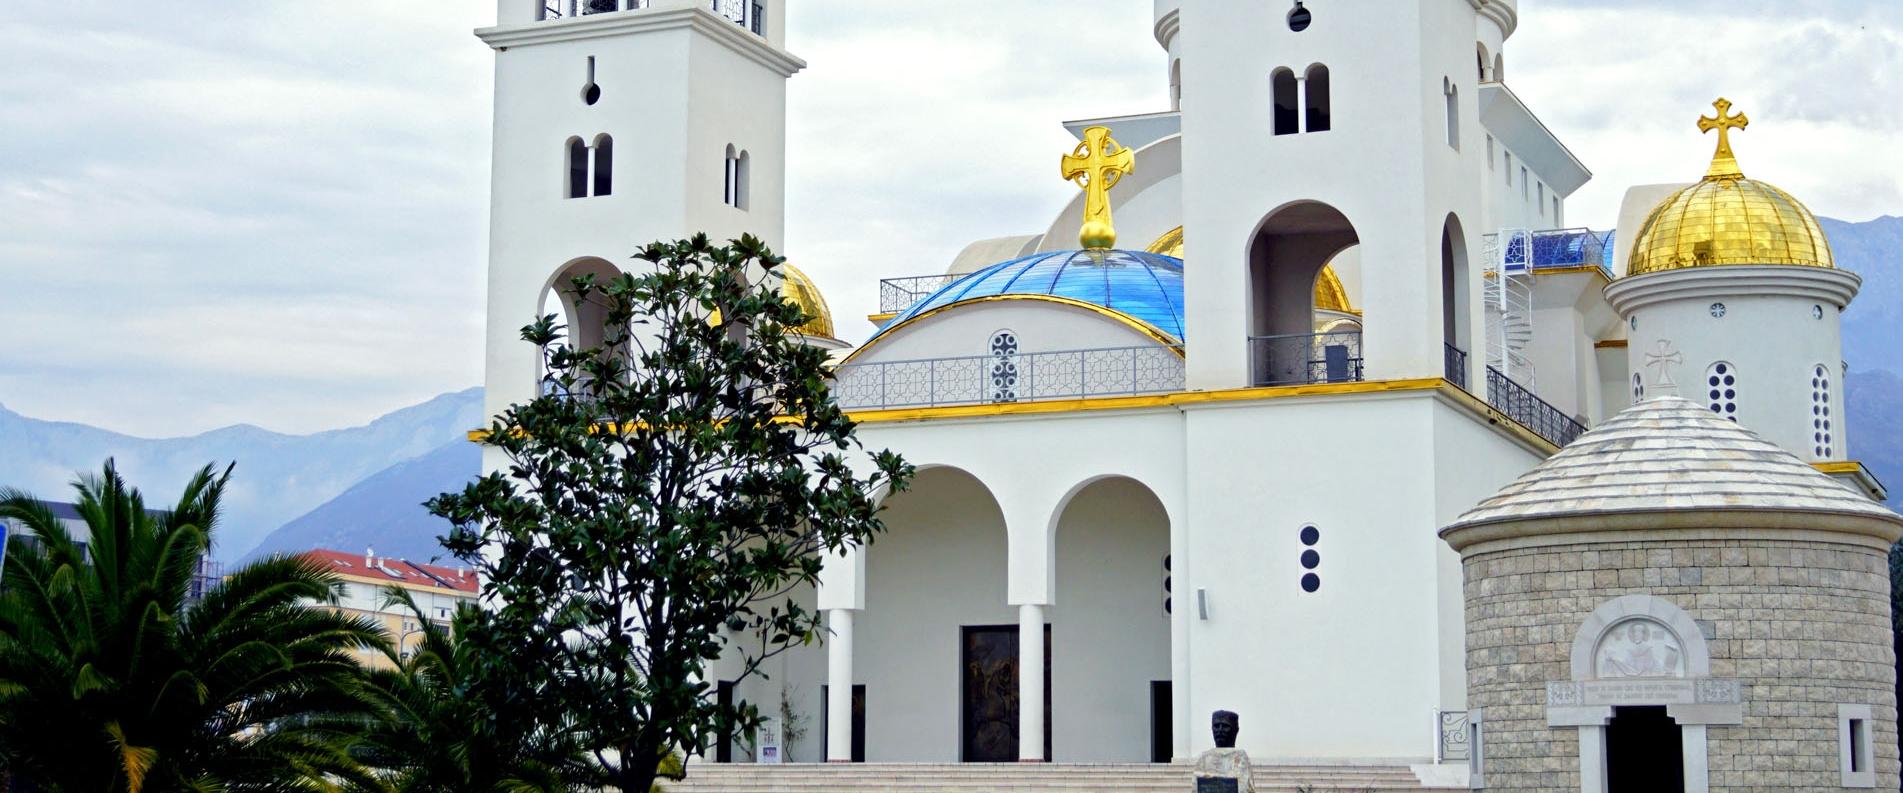 Церковь Святого Иоанна Владимира в Баре